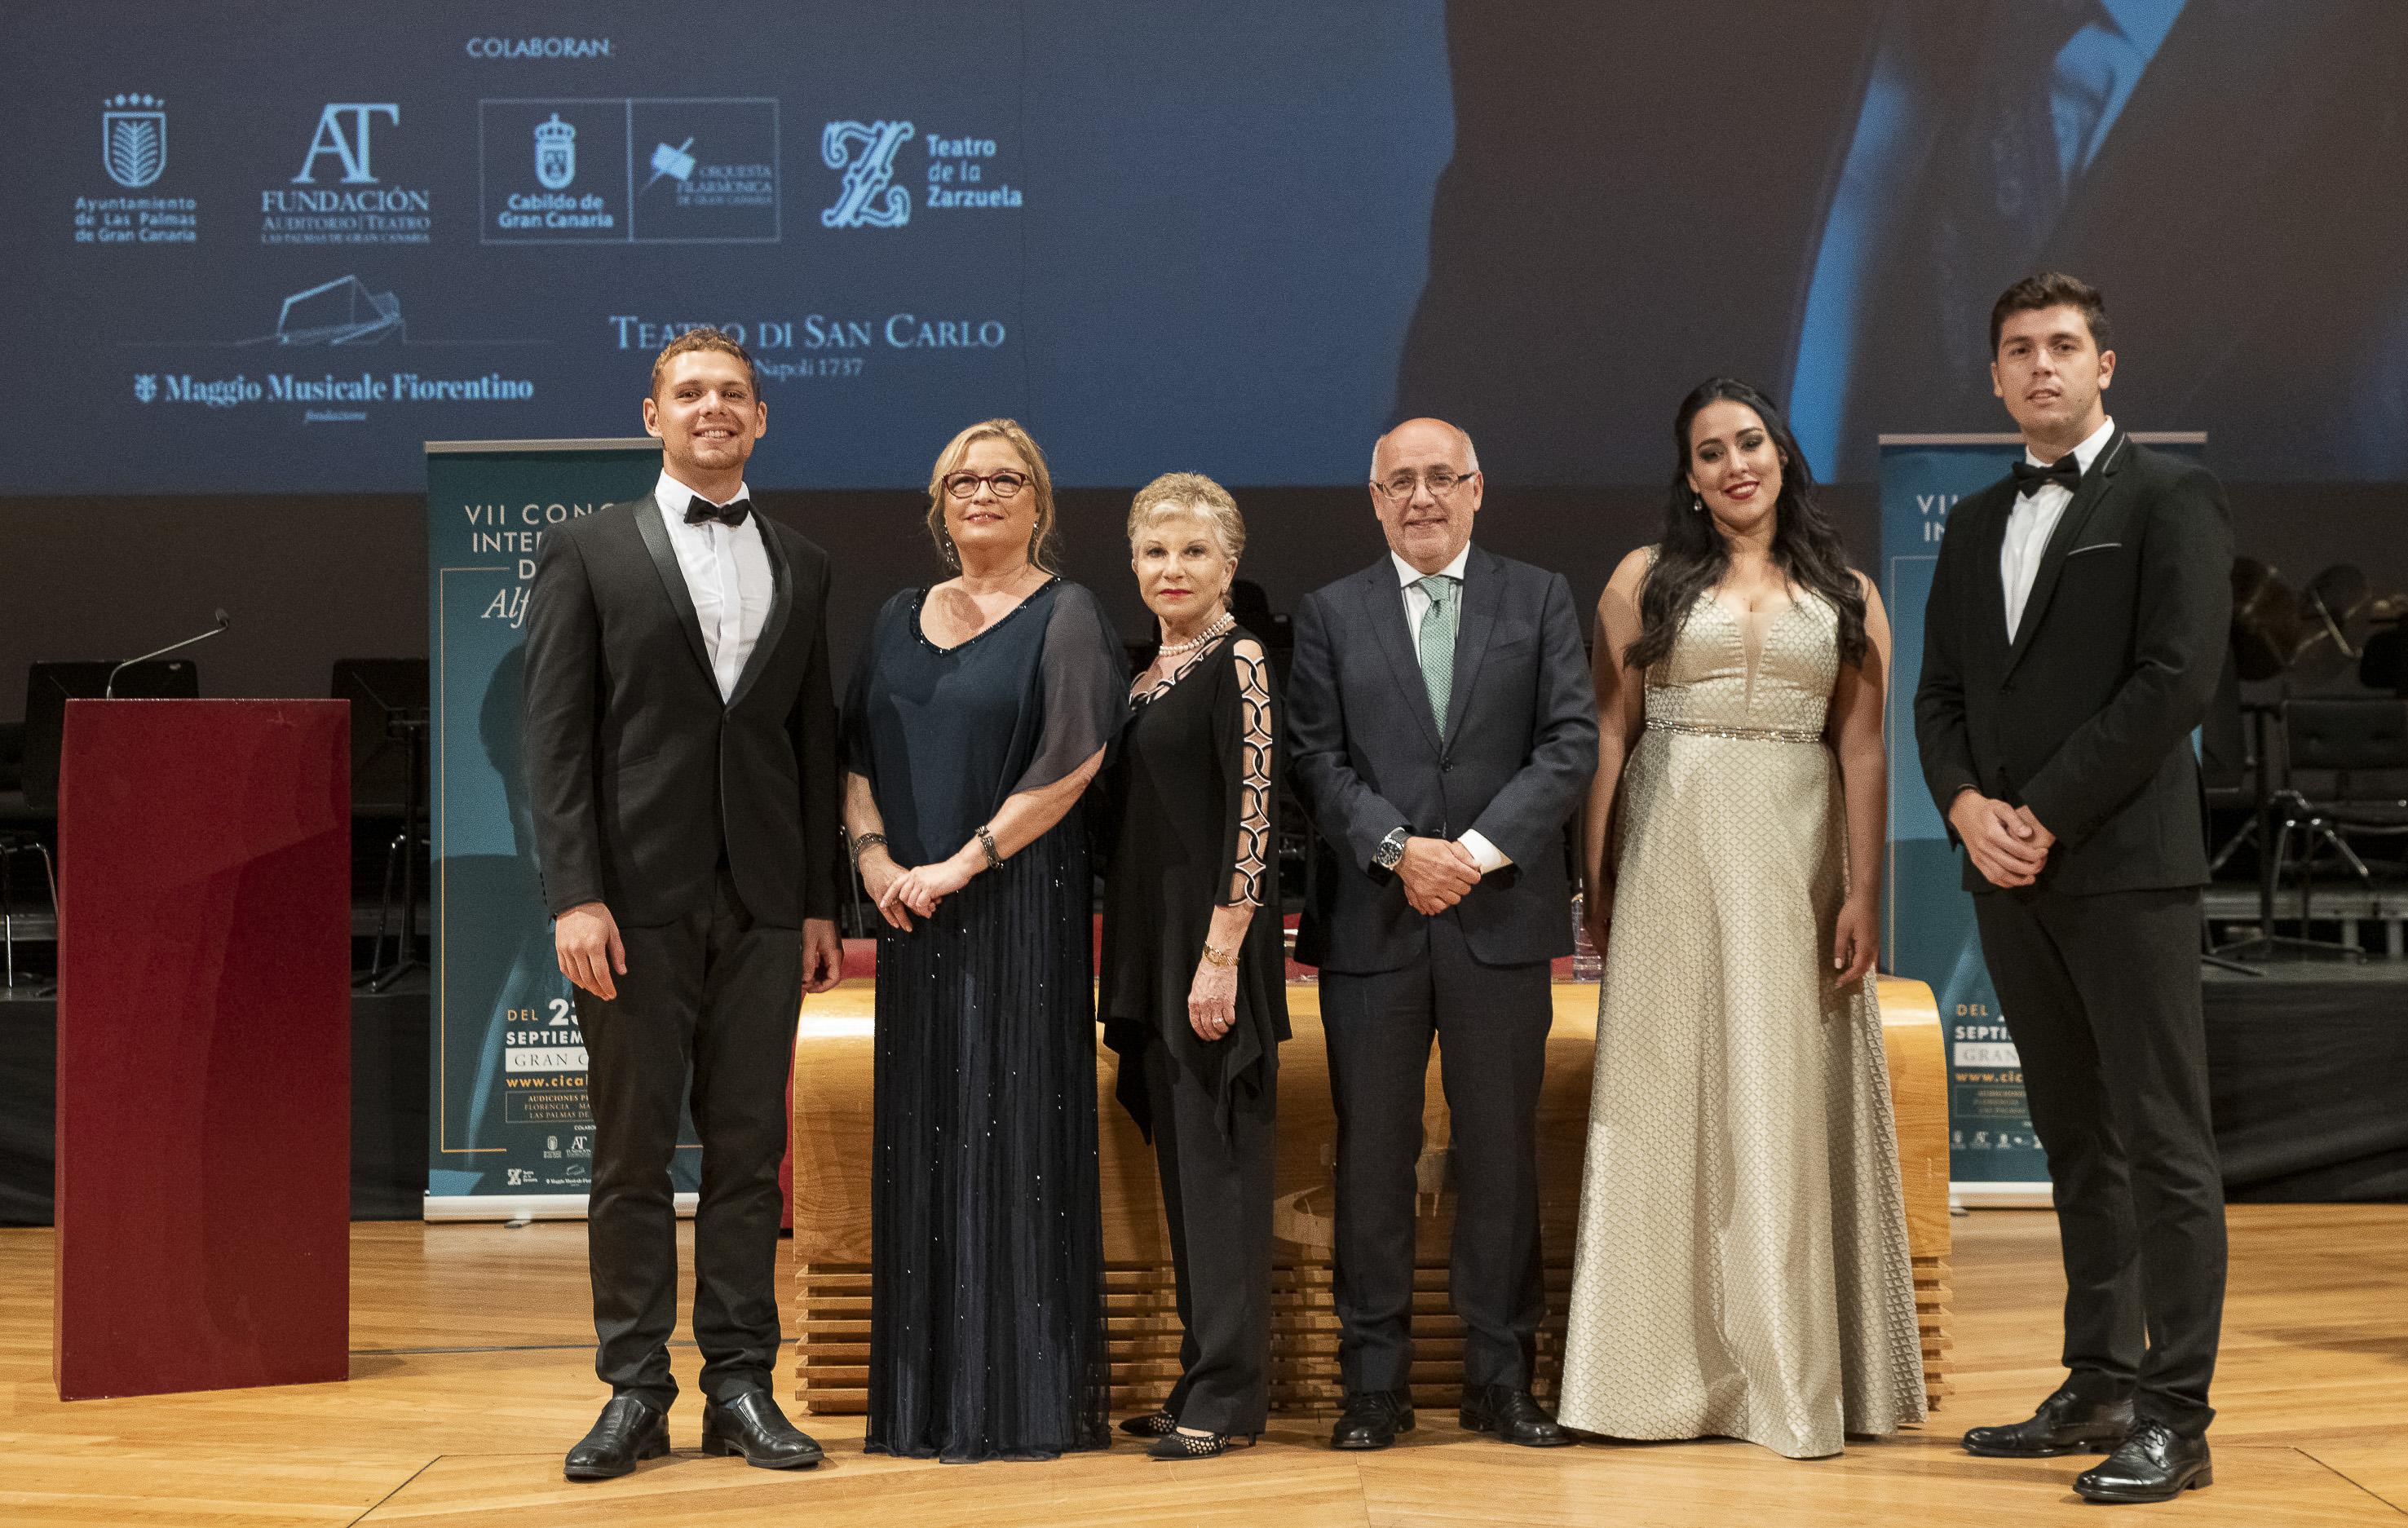 El bajo barítono Manuel Fuentes Figueira resultó ser el gran ganador del VII Concurso Internacional de Canto Alfredo Kraus